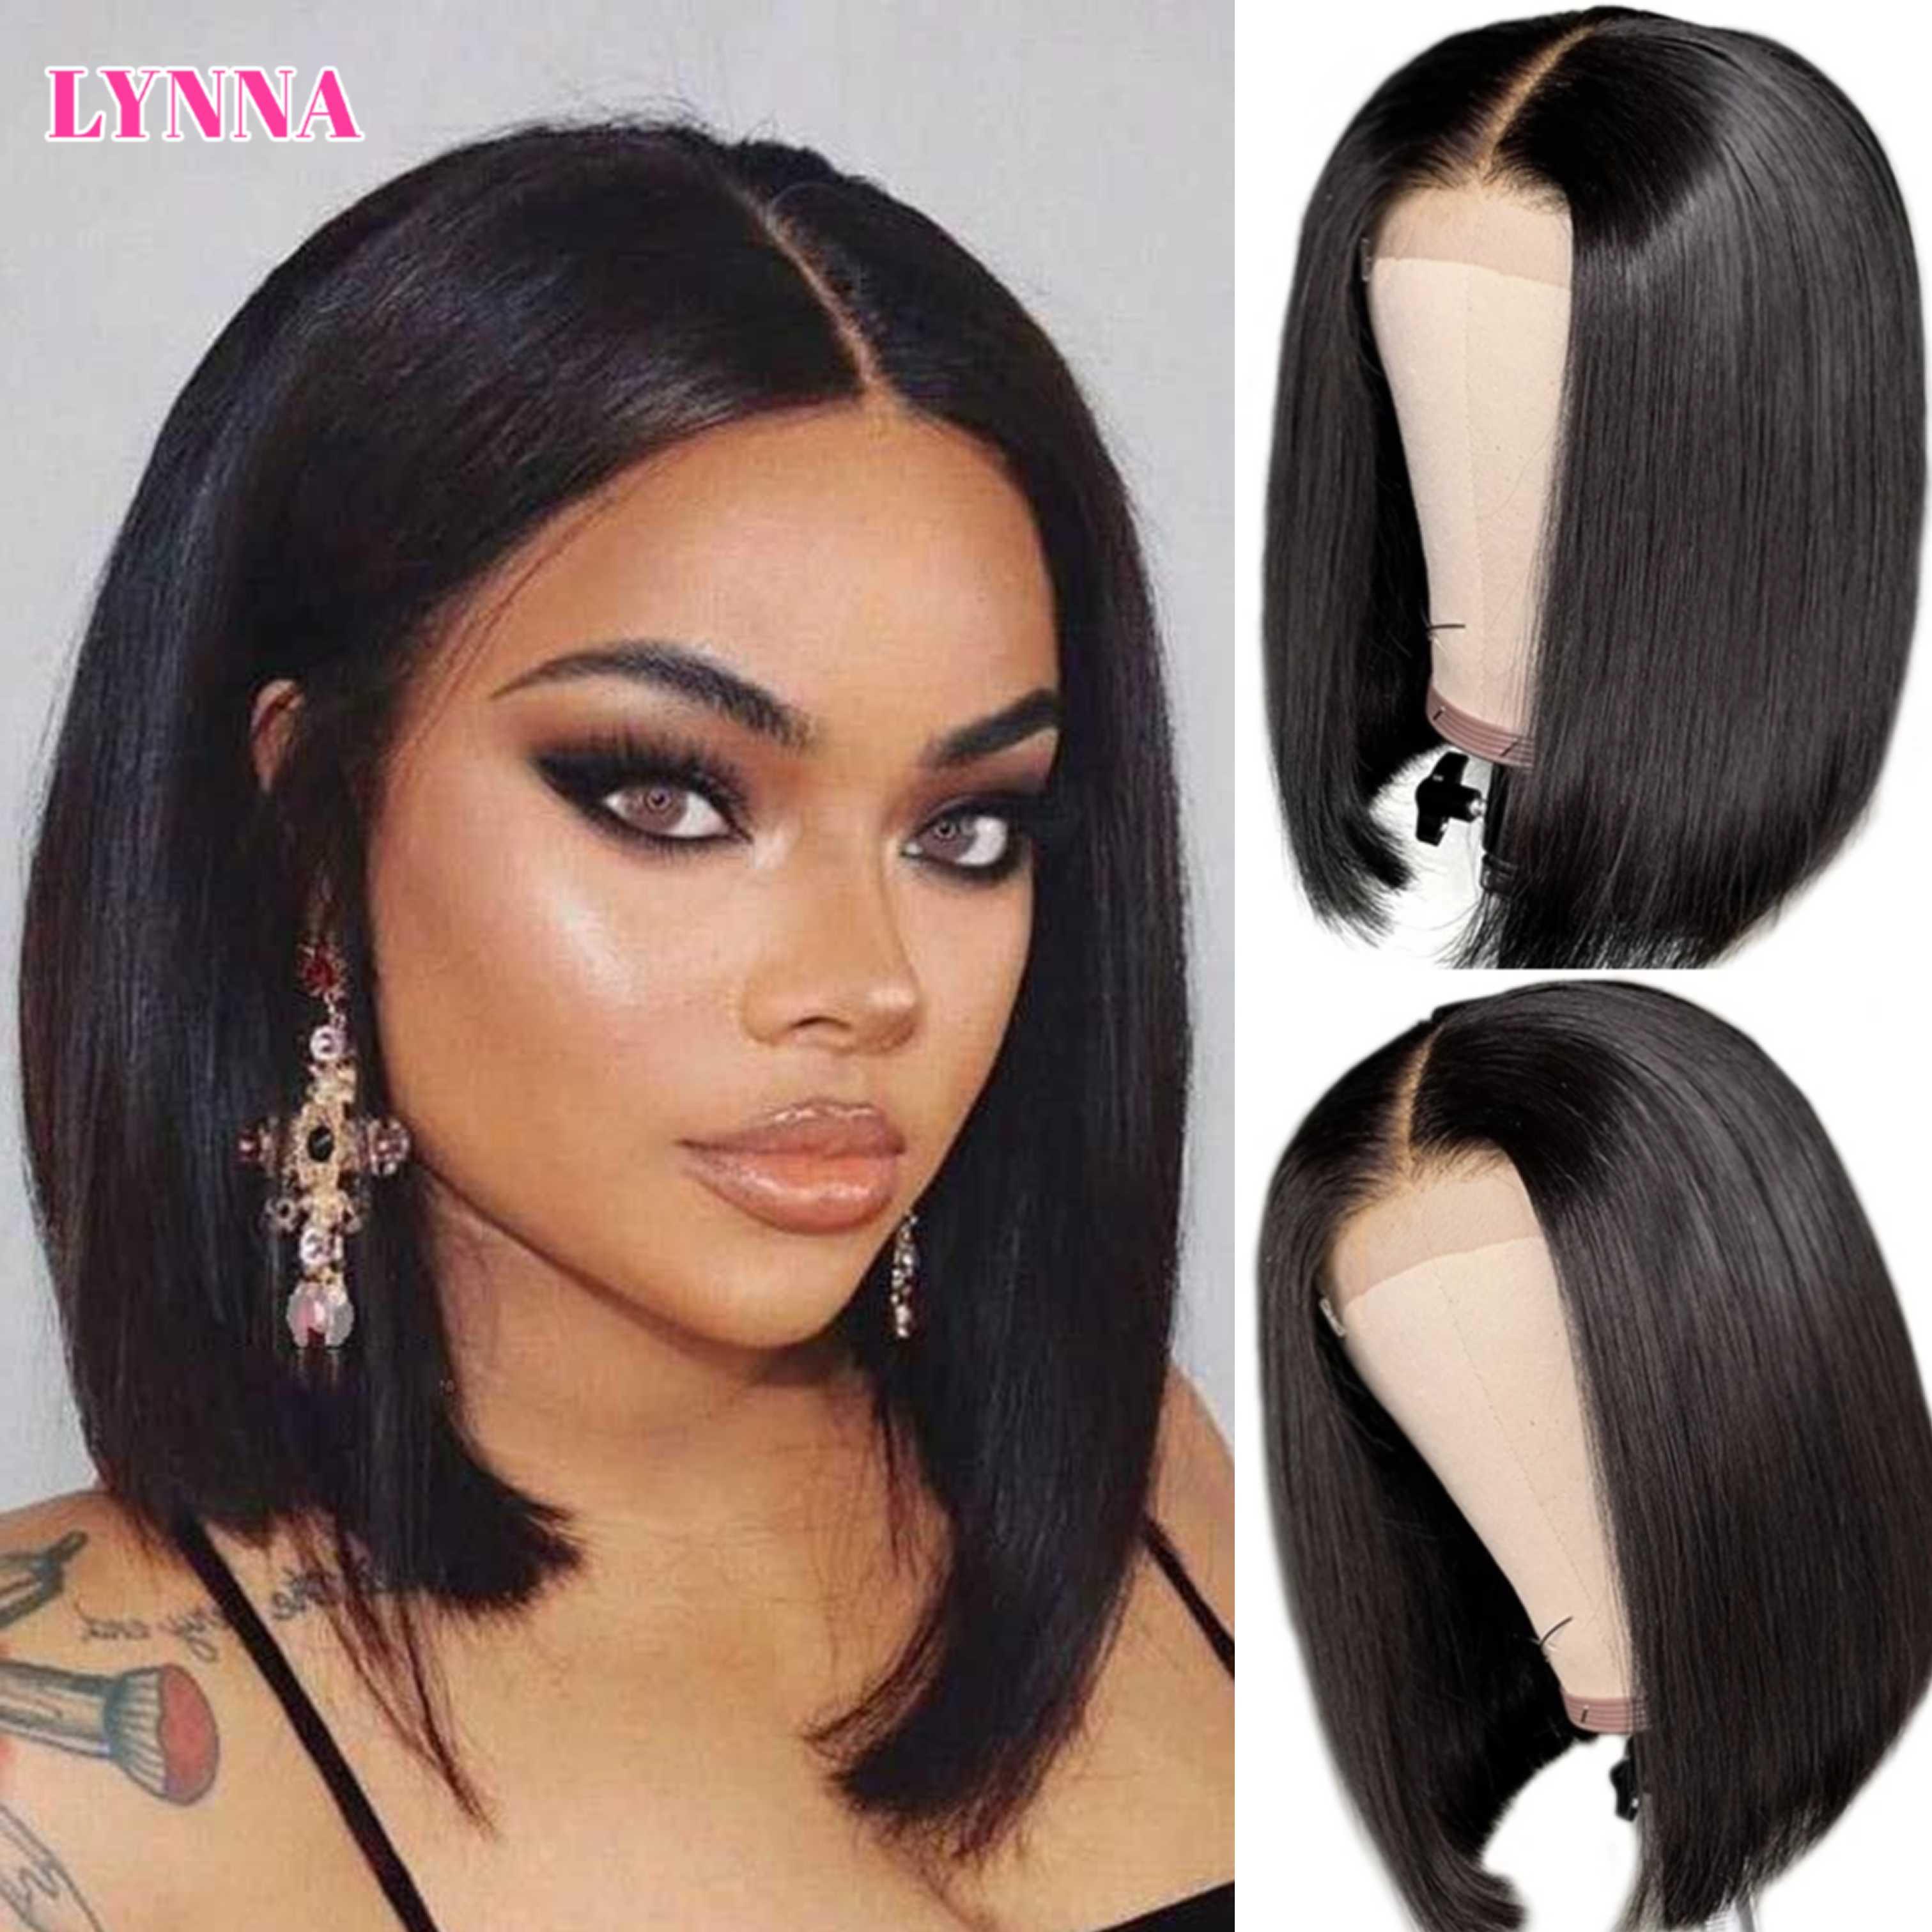 parrucca-bob-dritta-con-chiusura-in-pizzo-4x4-parrucche-corte-per-capelli-umani-pre-pizzicate-8-''-14''-parrucca-per-capelli-remy-con-taglio-smussato-per-donna-densita-150